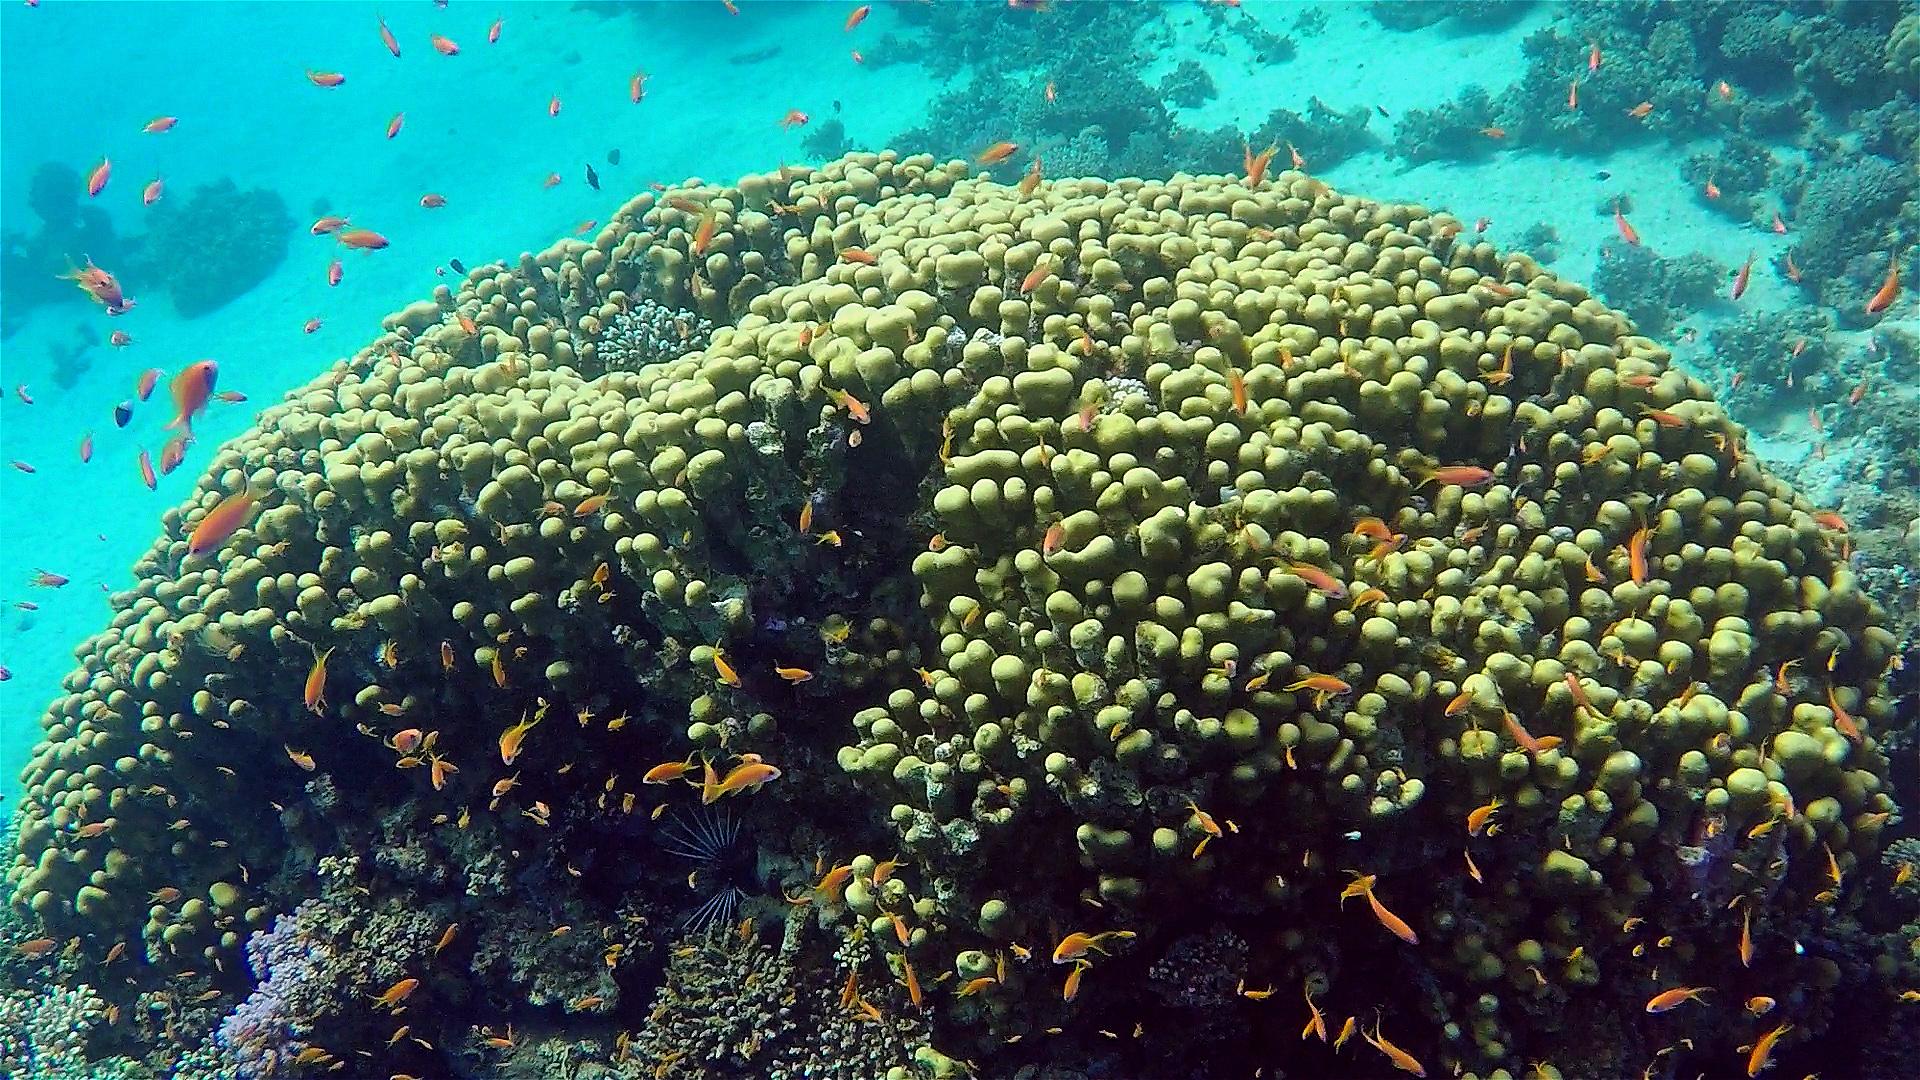 Dirk-Van-den-Bergh_20171207_koraal-porites-nodifera-60069